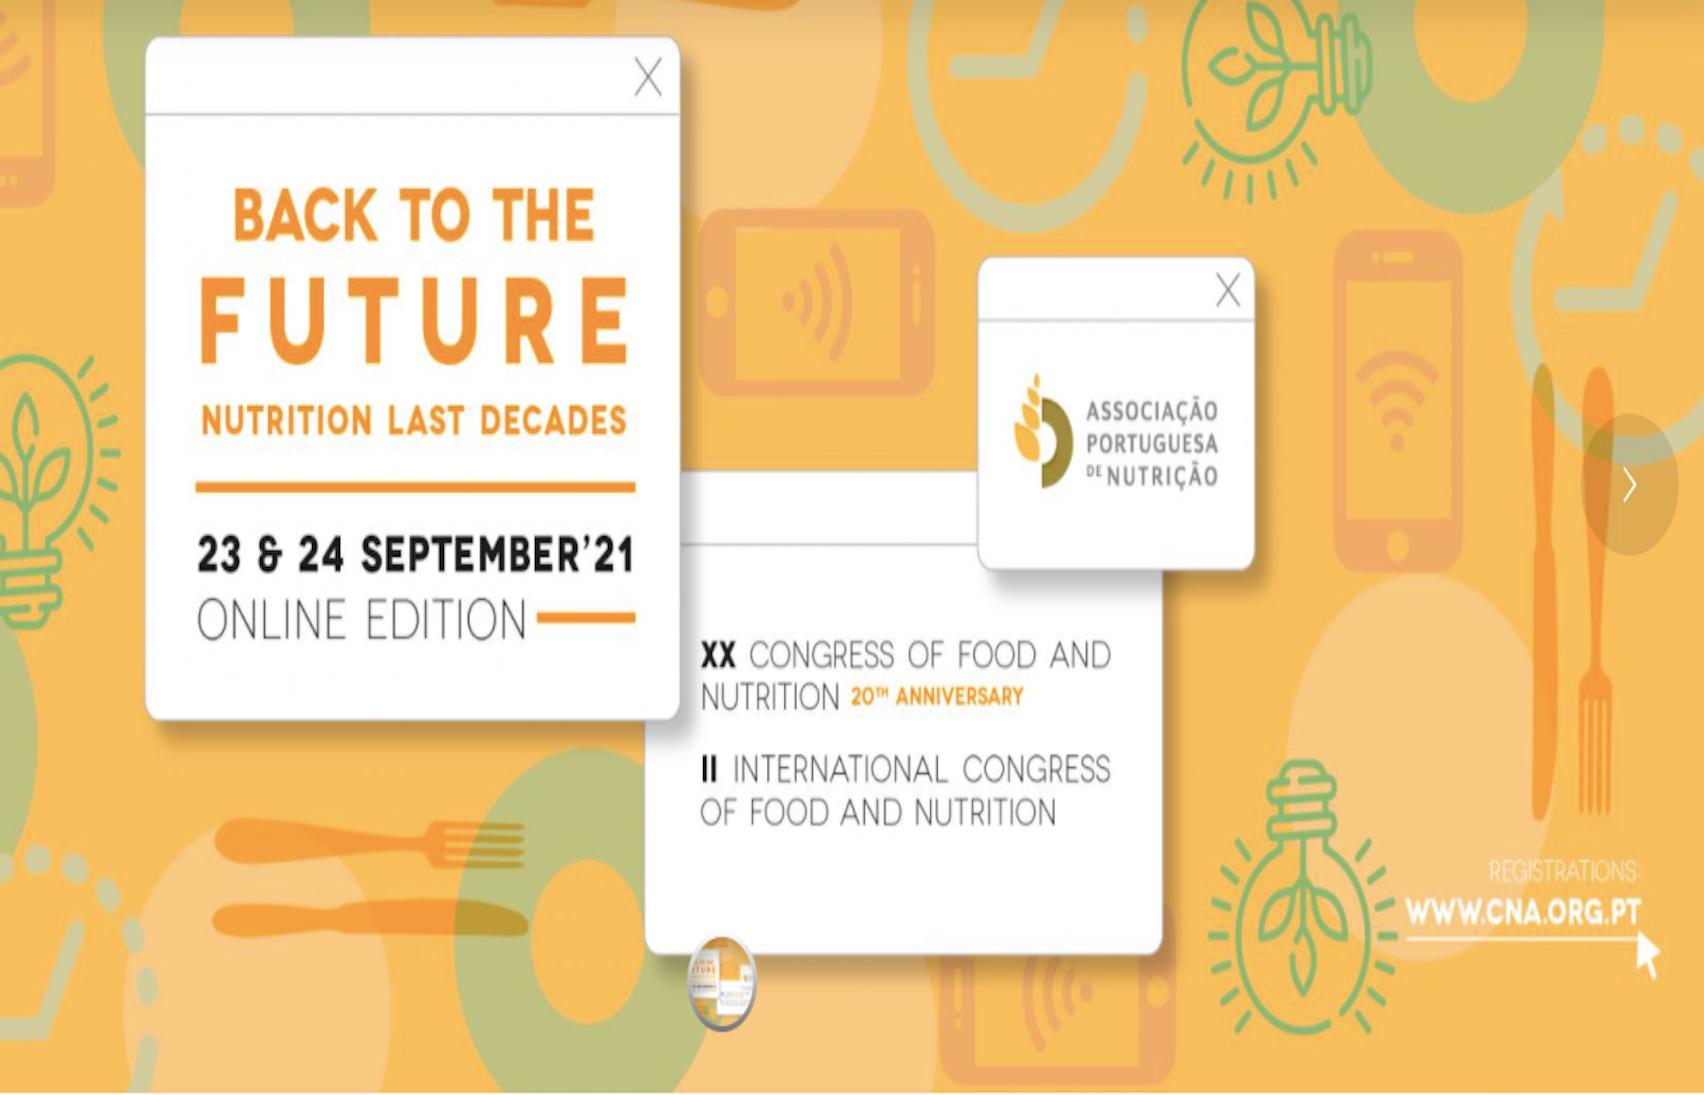 XX Congresso de Nutrição e Alimentação